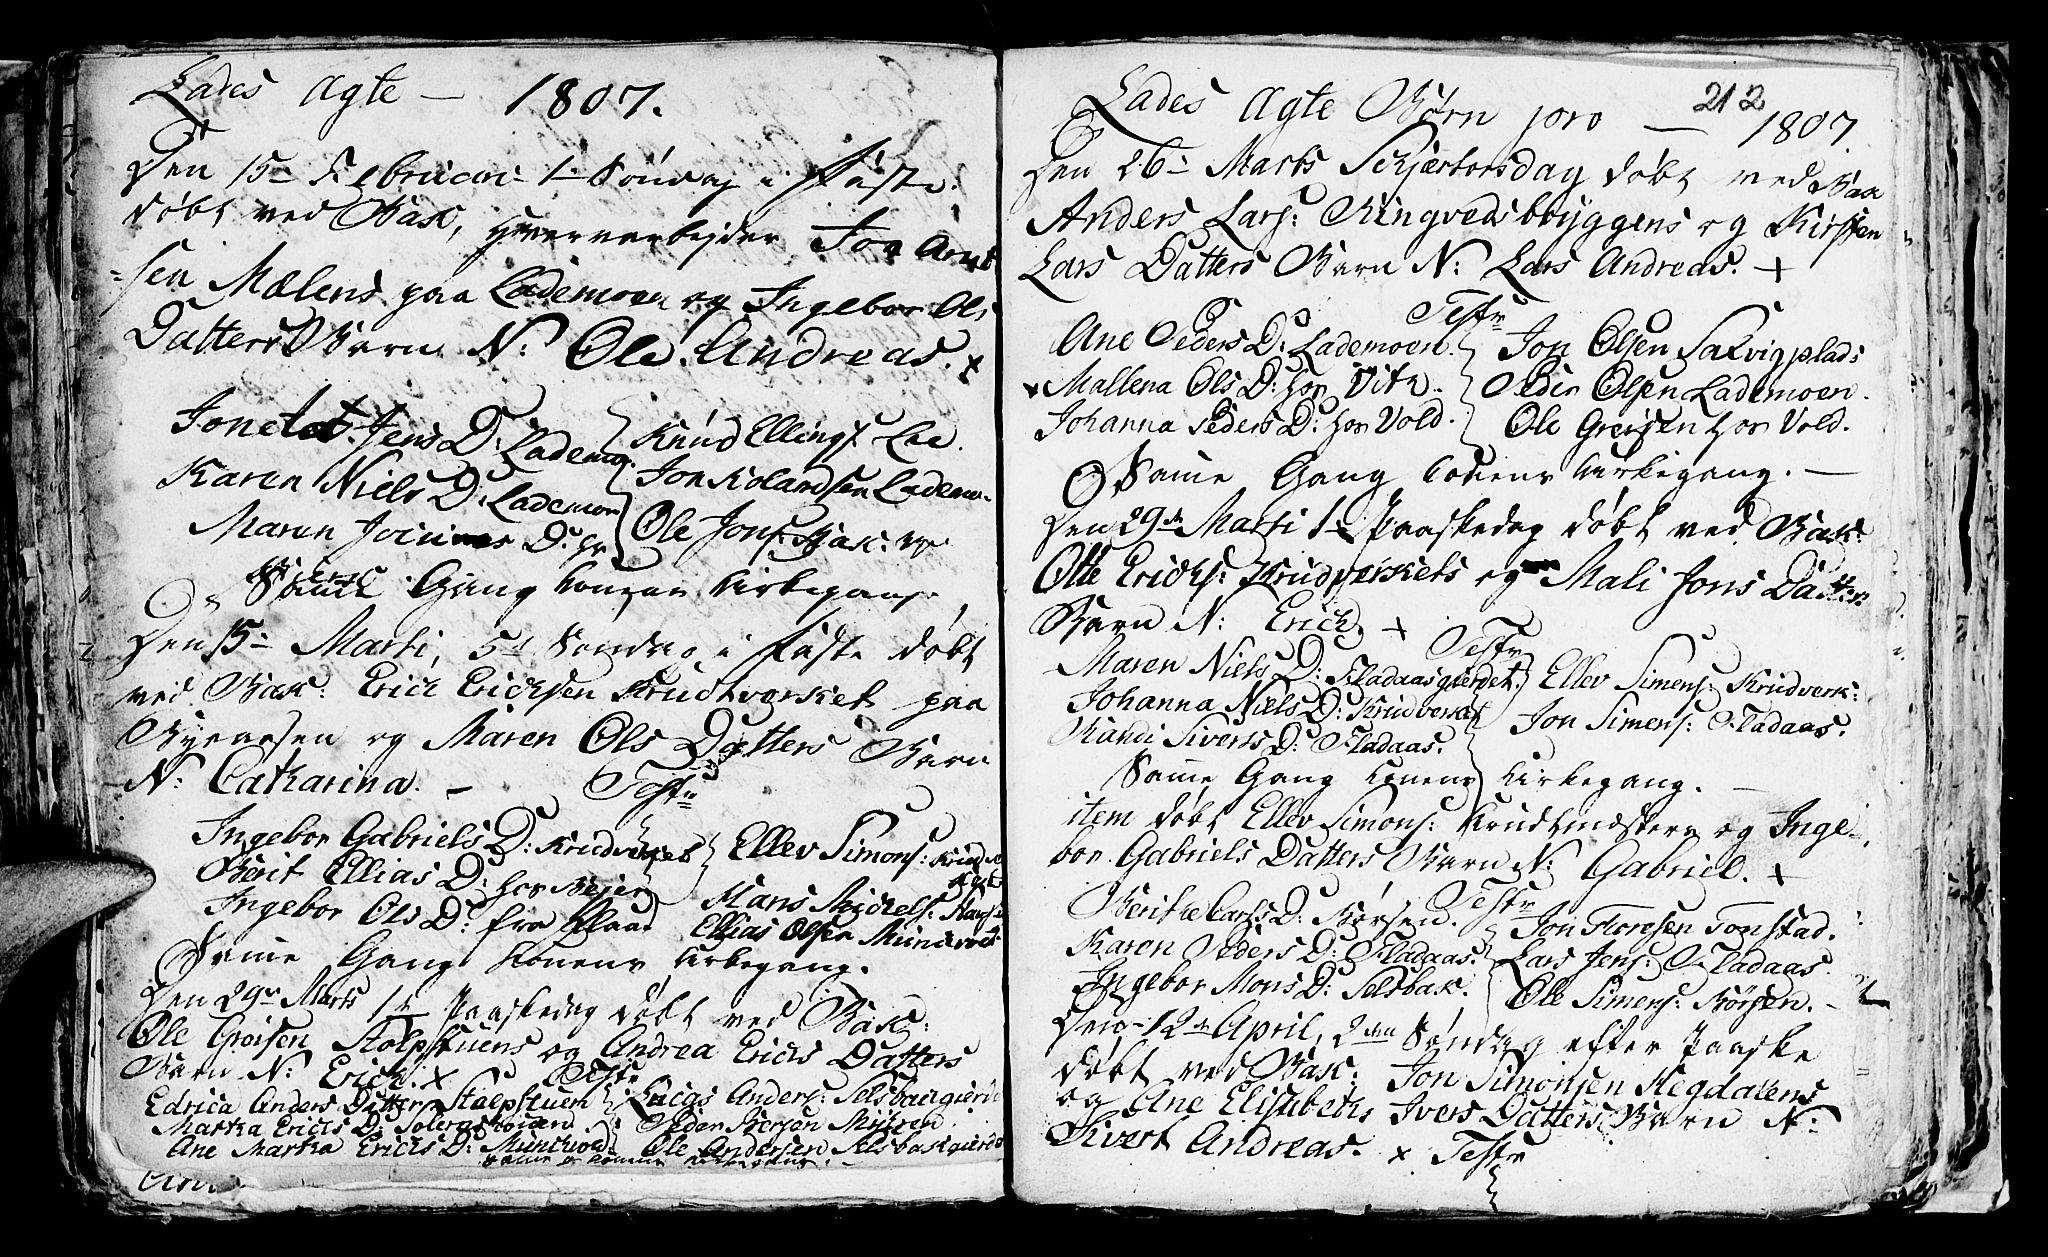 SAT, Ministerialprotokoller, klokkerbøker og fødselsregistre - Sør-Trøndelag, 606/L0305: Klokkerbok nr. 606C01, 1757-1819, s. 212